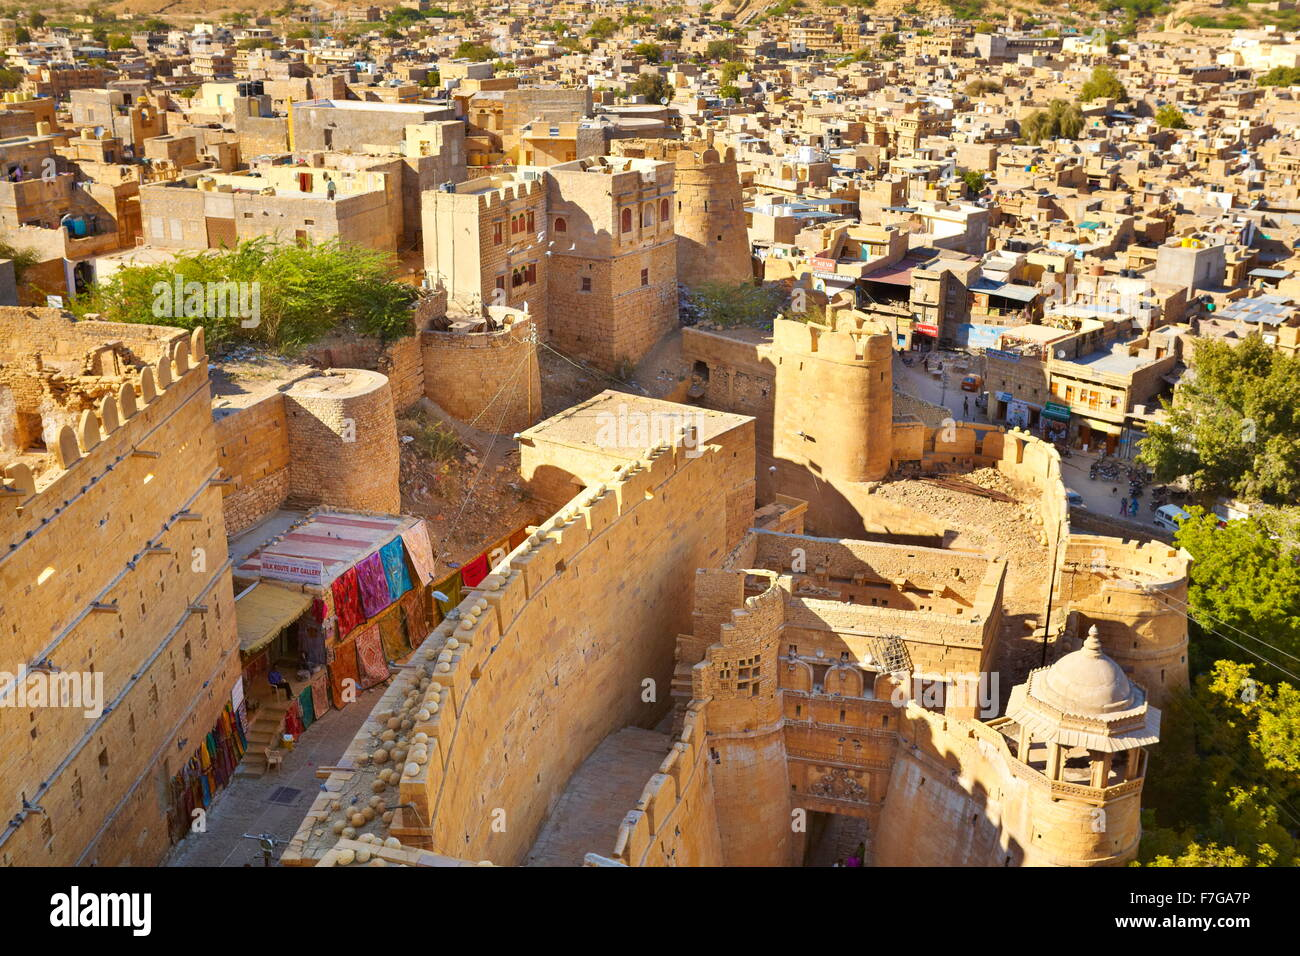 Vista aerea dalla sommità di Jaisalmer Fort del foritication e la città di seguito, Jaisalmer, India Immagini Stock